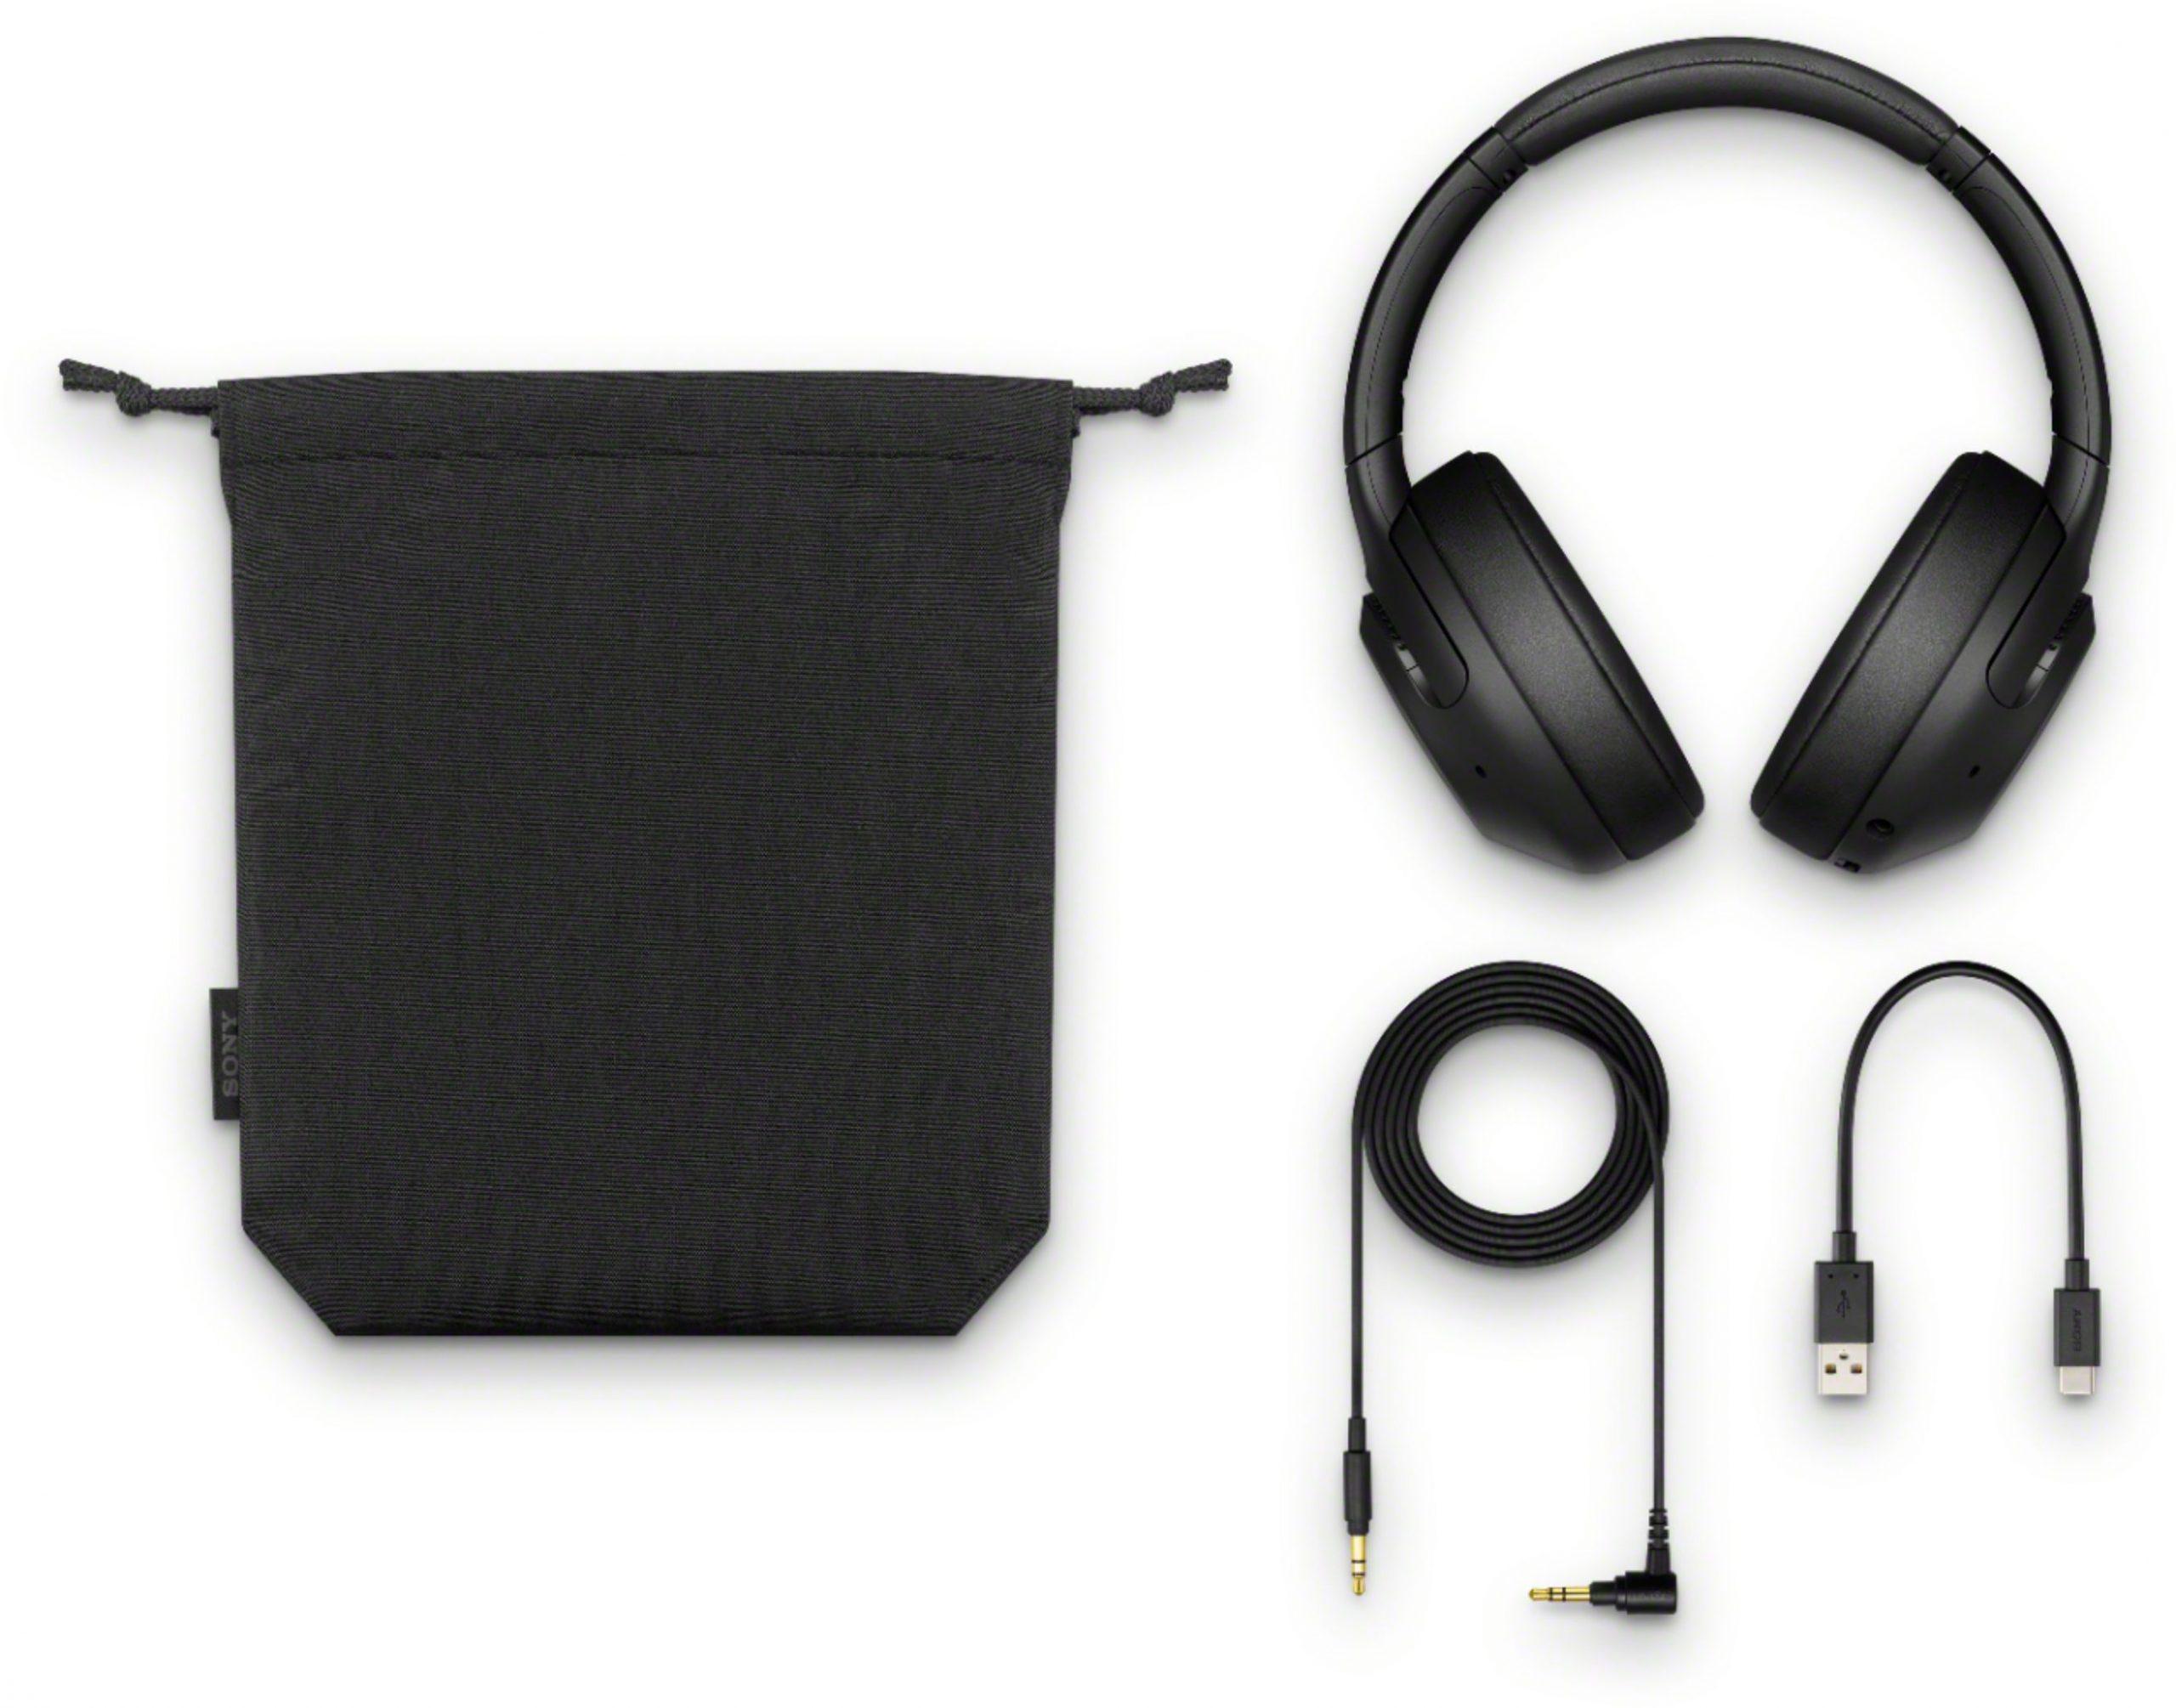 Qulaqlıq Sony WH-XB900N Wireless NC Black  - 5